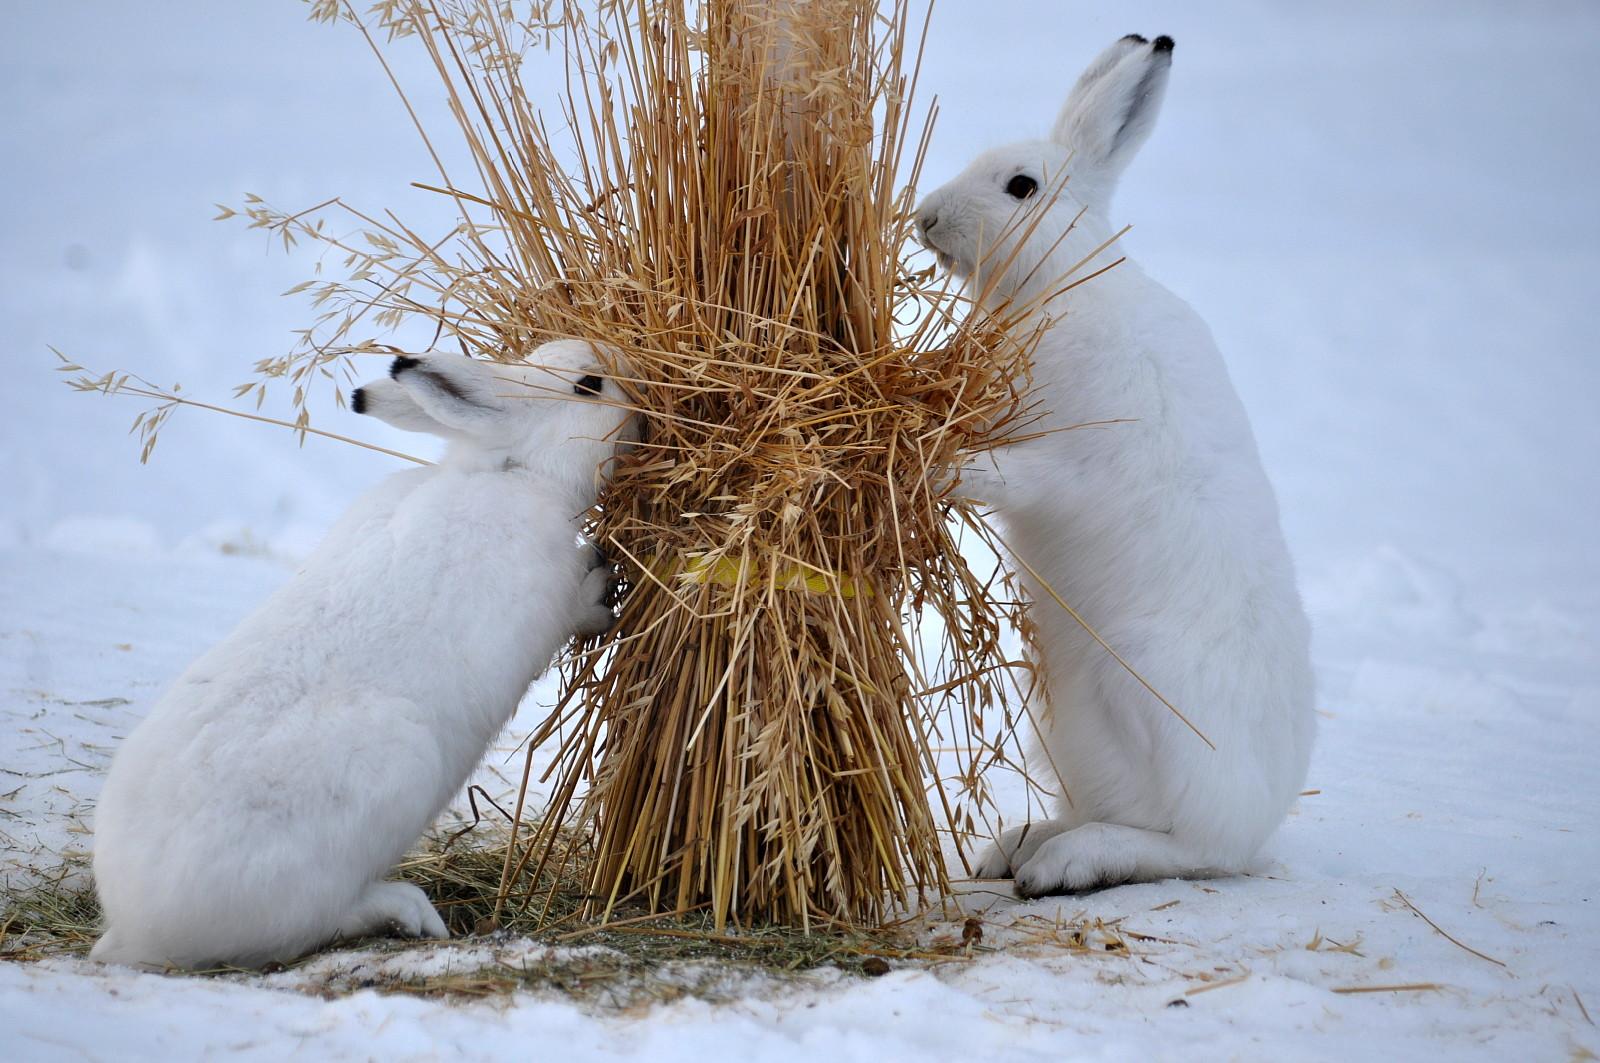 雪兔(兔科兔属动物的一种) - 搜狗百科